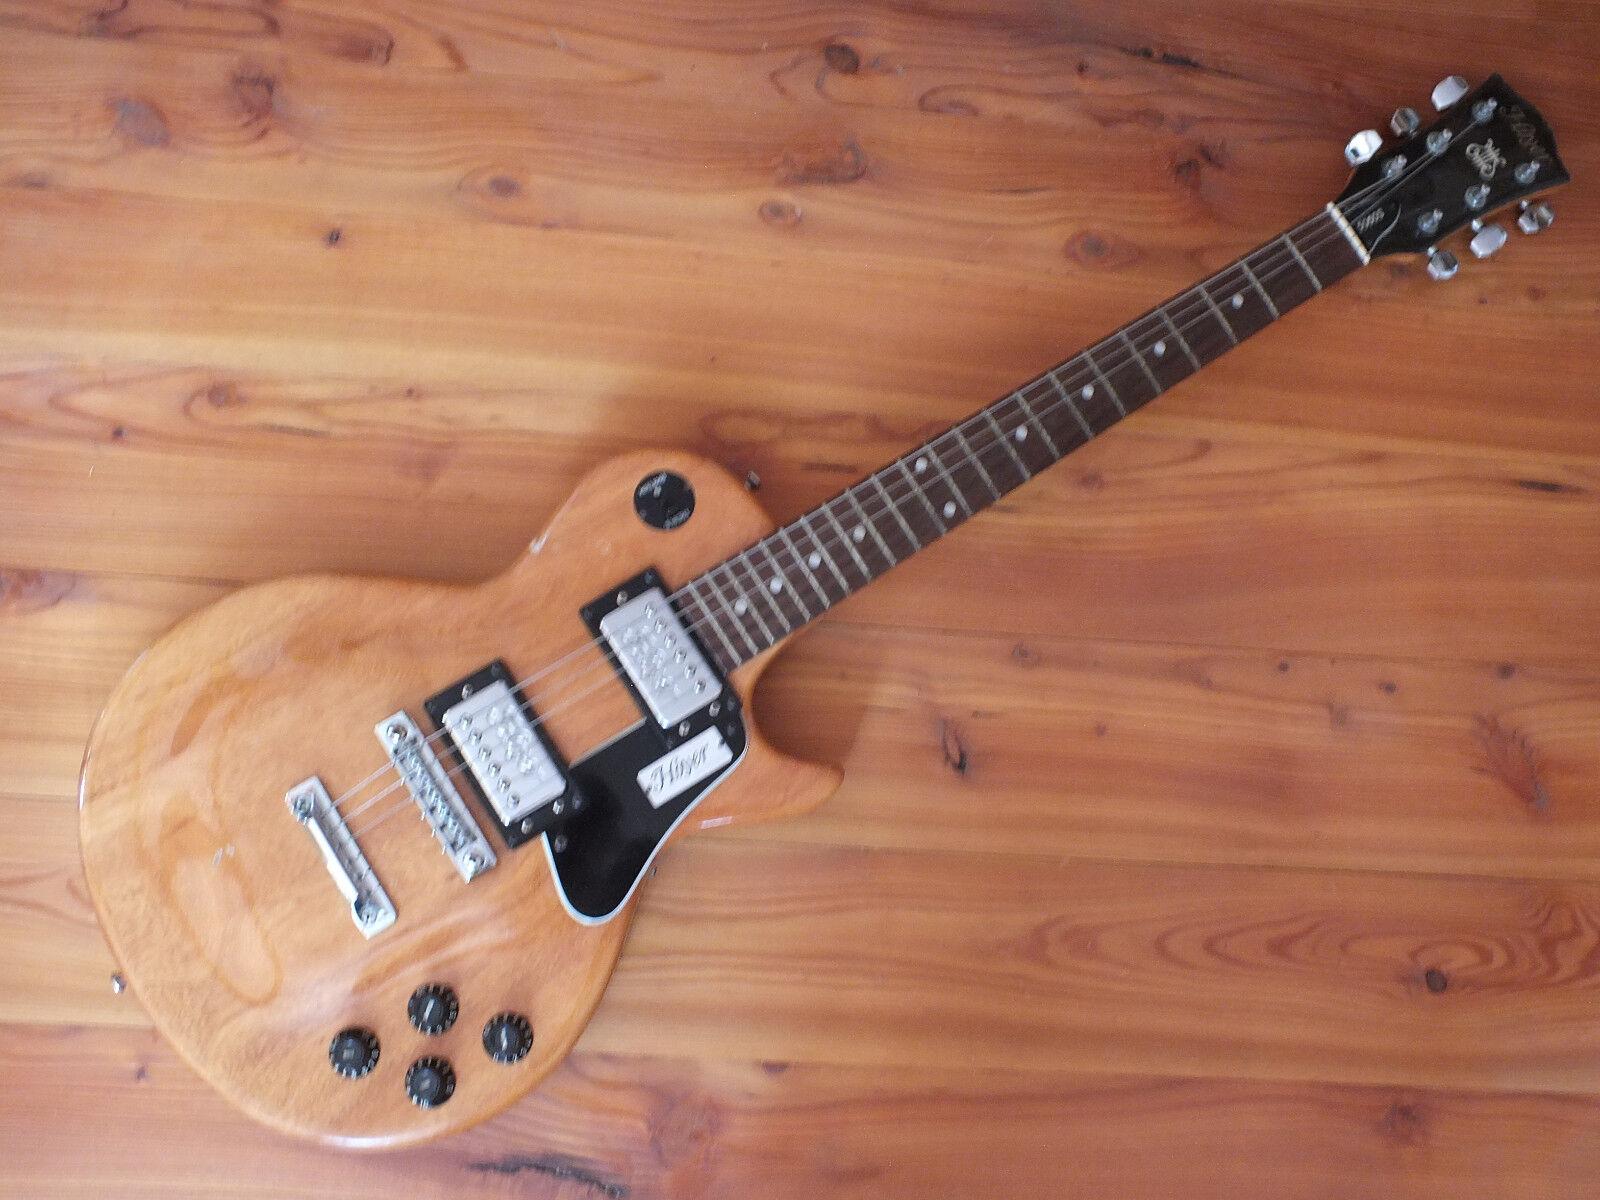 70er Jahre Hoyer E-Gitarre - 5060 S - aus Sammlungsauflösung